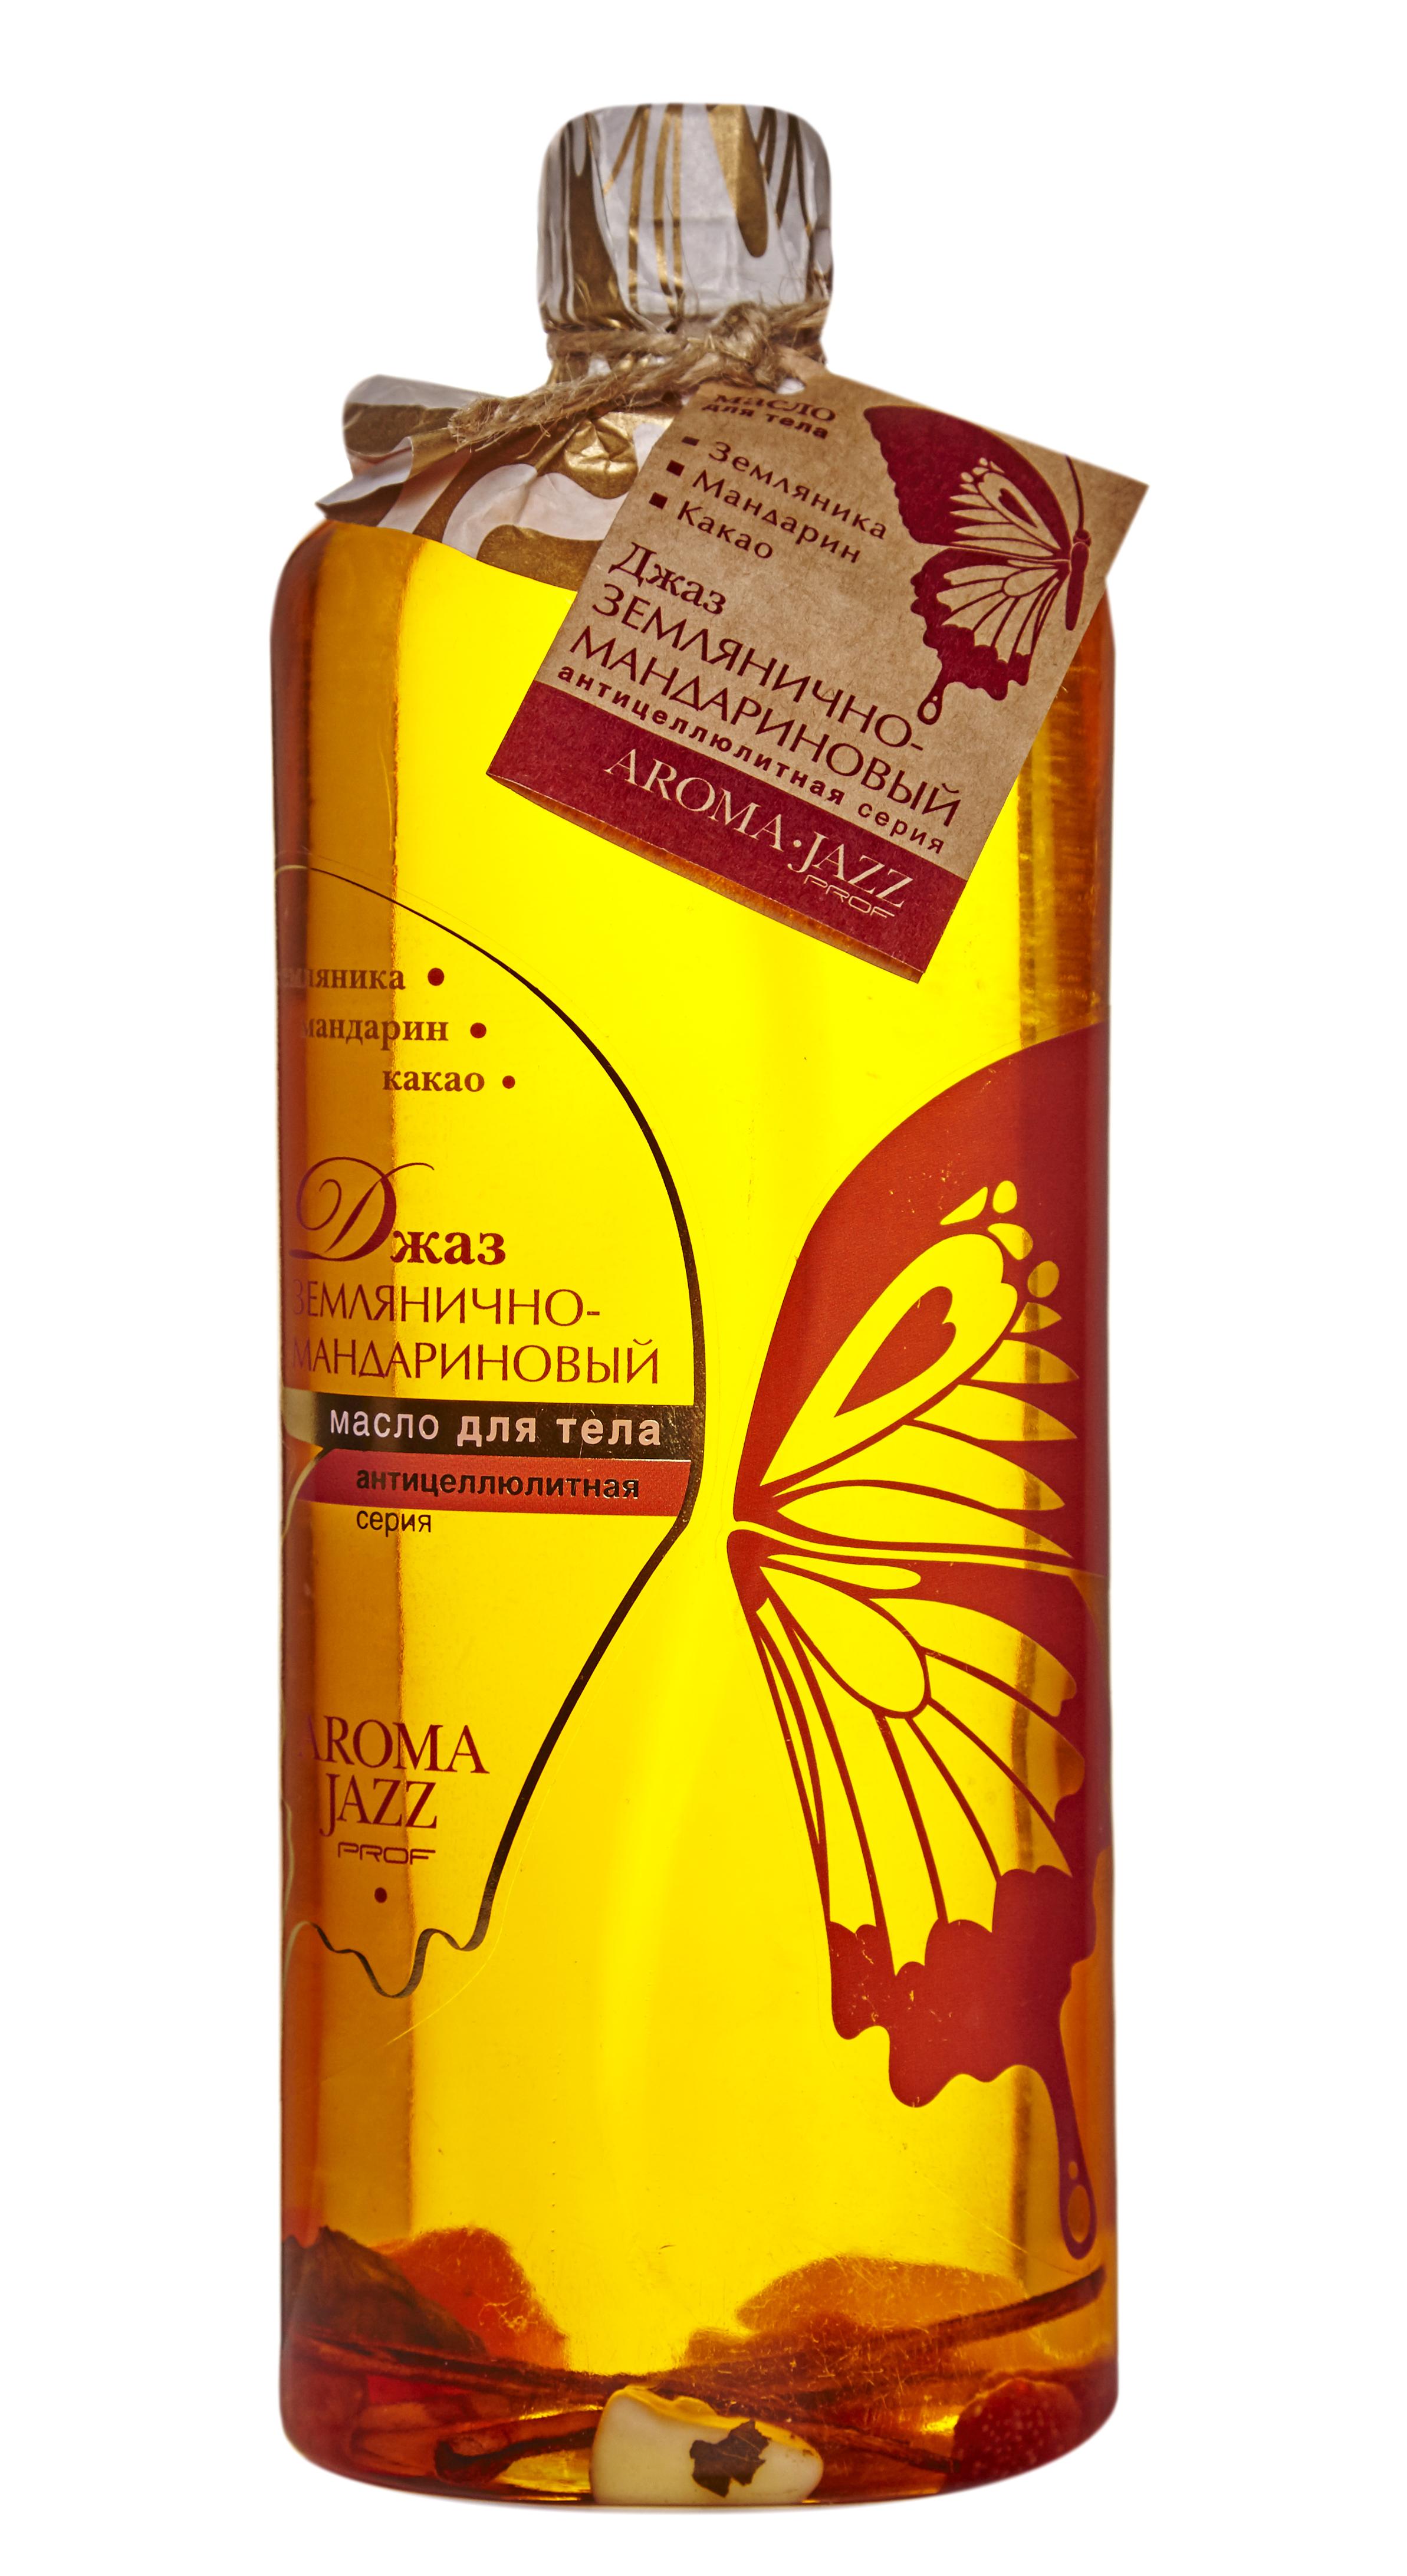 AROMA JAZZ Масло массажное жидкое для тела Землянично-мандариновый джаз 1000млМасла<br>Усиливает процесс клеточной регенерации, питает и разглаживает кожу, устраняет контактные и солнечные дерматиты. Масло восстанавливает водно-жировой баланс кожи и оптимизирует периферическое кровообращение, препятствует накоплению лишнего веса и оказывает успокаивающее воздействие (снимает воспаление, шелушение, раздражение). Прекрасное антицеллюлитное средство! Очищает организм от шлаков и избавляет от отеков. Задорная сочность оранжевого аромата пробуждает силы и заряжает энергией. Забудьте о синдроме переутомления и раздражительности. Теперь за окном лето, и оно не закончится никогда! Активные ингредиенты: масла пальмы, кокоса, оливы, сои, какао, растительное с витамином Е; экстракты мандарина, горчицы, корицы и красного перца; эфирные масла цитронеллы и сладкого мандарина; натуральная эссенция клубники. Способ применения: рекомендовано для проведения классического и баночного массажа, втирания после душа, горячих ванн и SPA-процедур в салоне и дома. Великолепно в антицеллюлитных обертываниях. Рекомендуется использовать одноразовое белье.<br><br>Объем: 1000<br>Вид средства для тела: Массажный